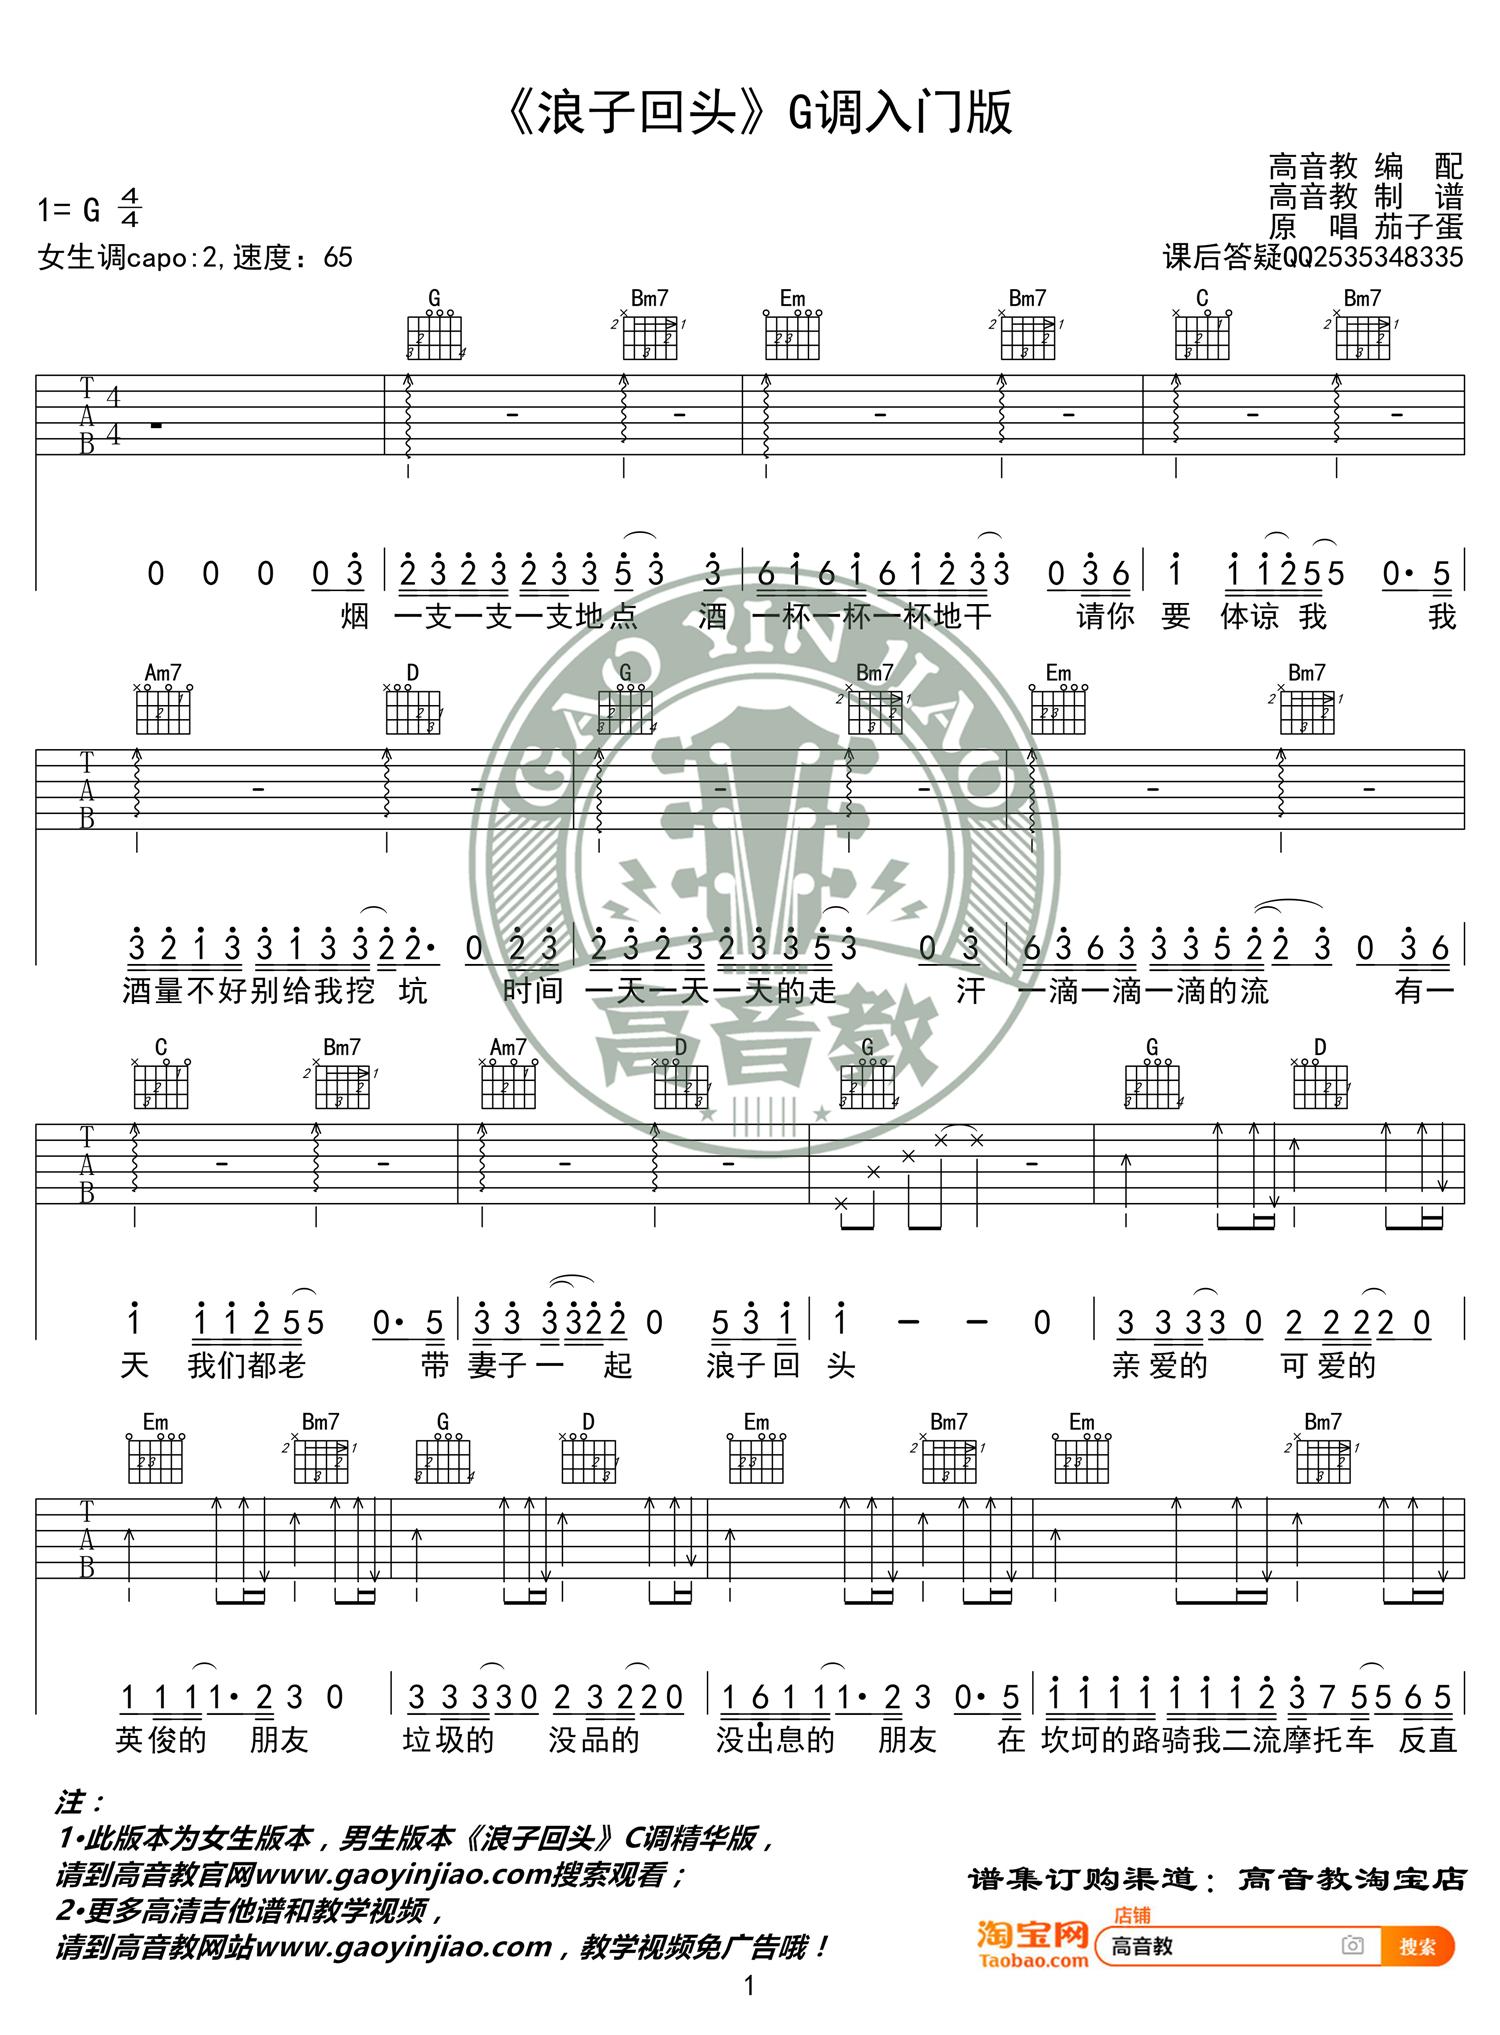 《浪子回头》吉他谱g调入门版 茄子蛋 高音教编配图片